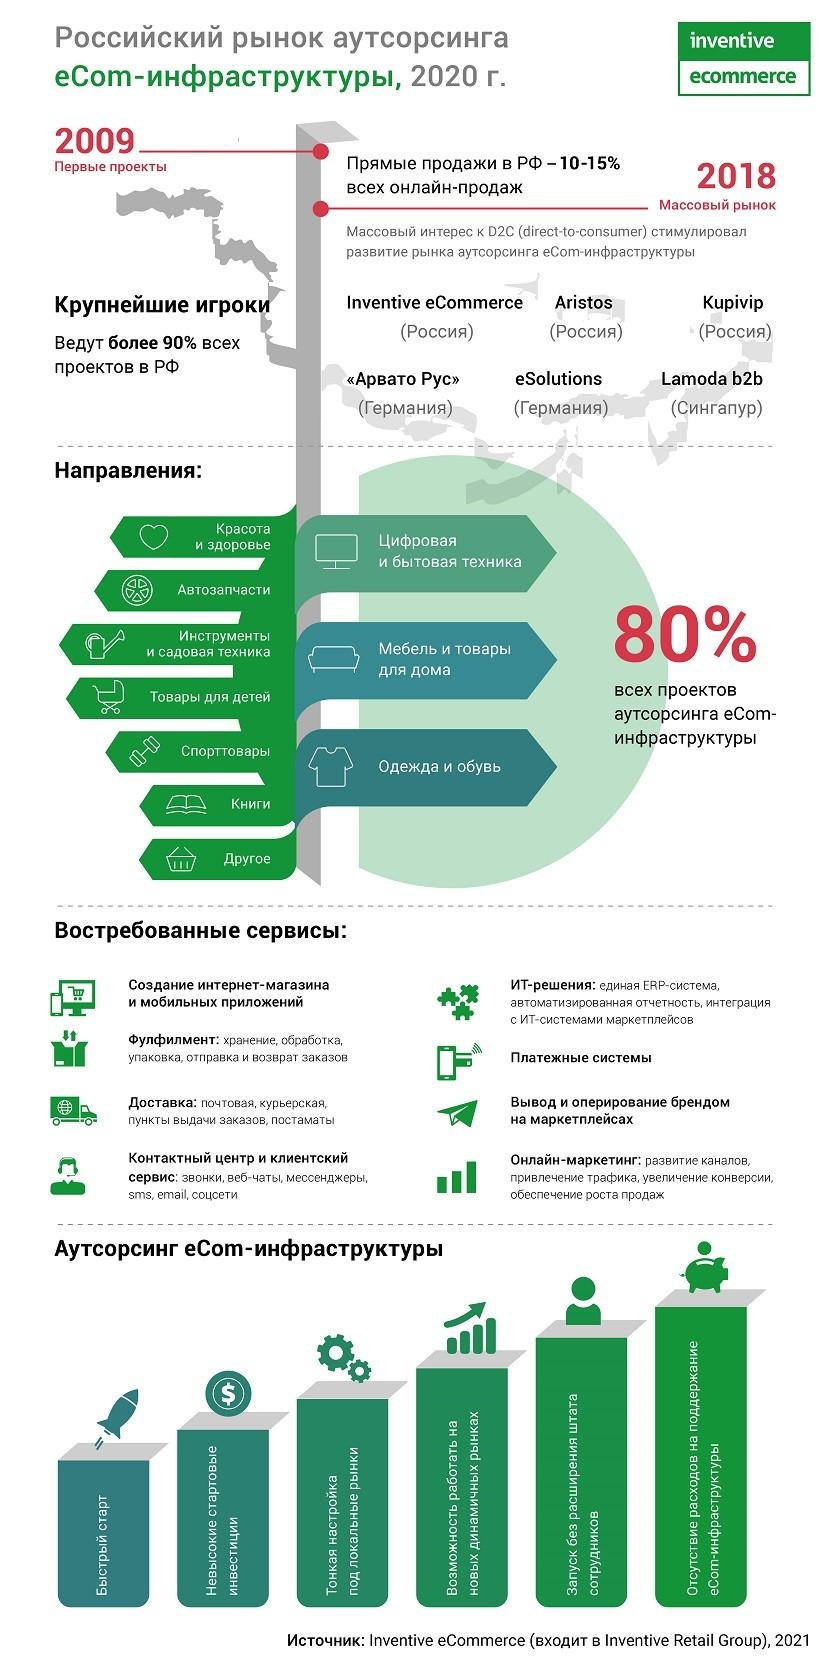 Российский рынок аутсорсинга eCom-инфраструктуры_преимущества 4